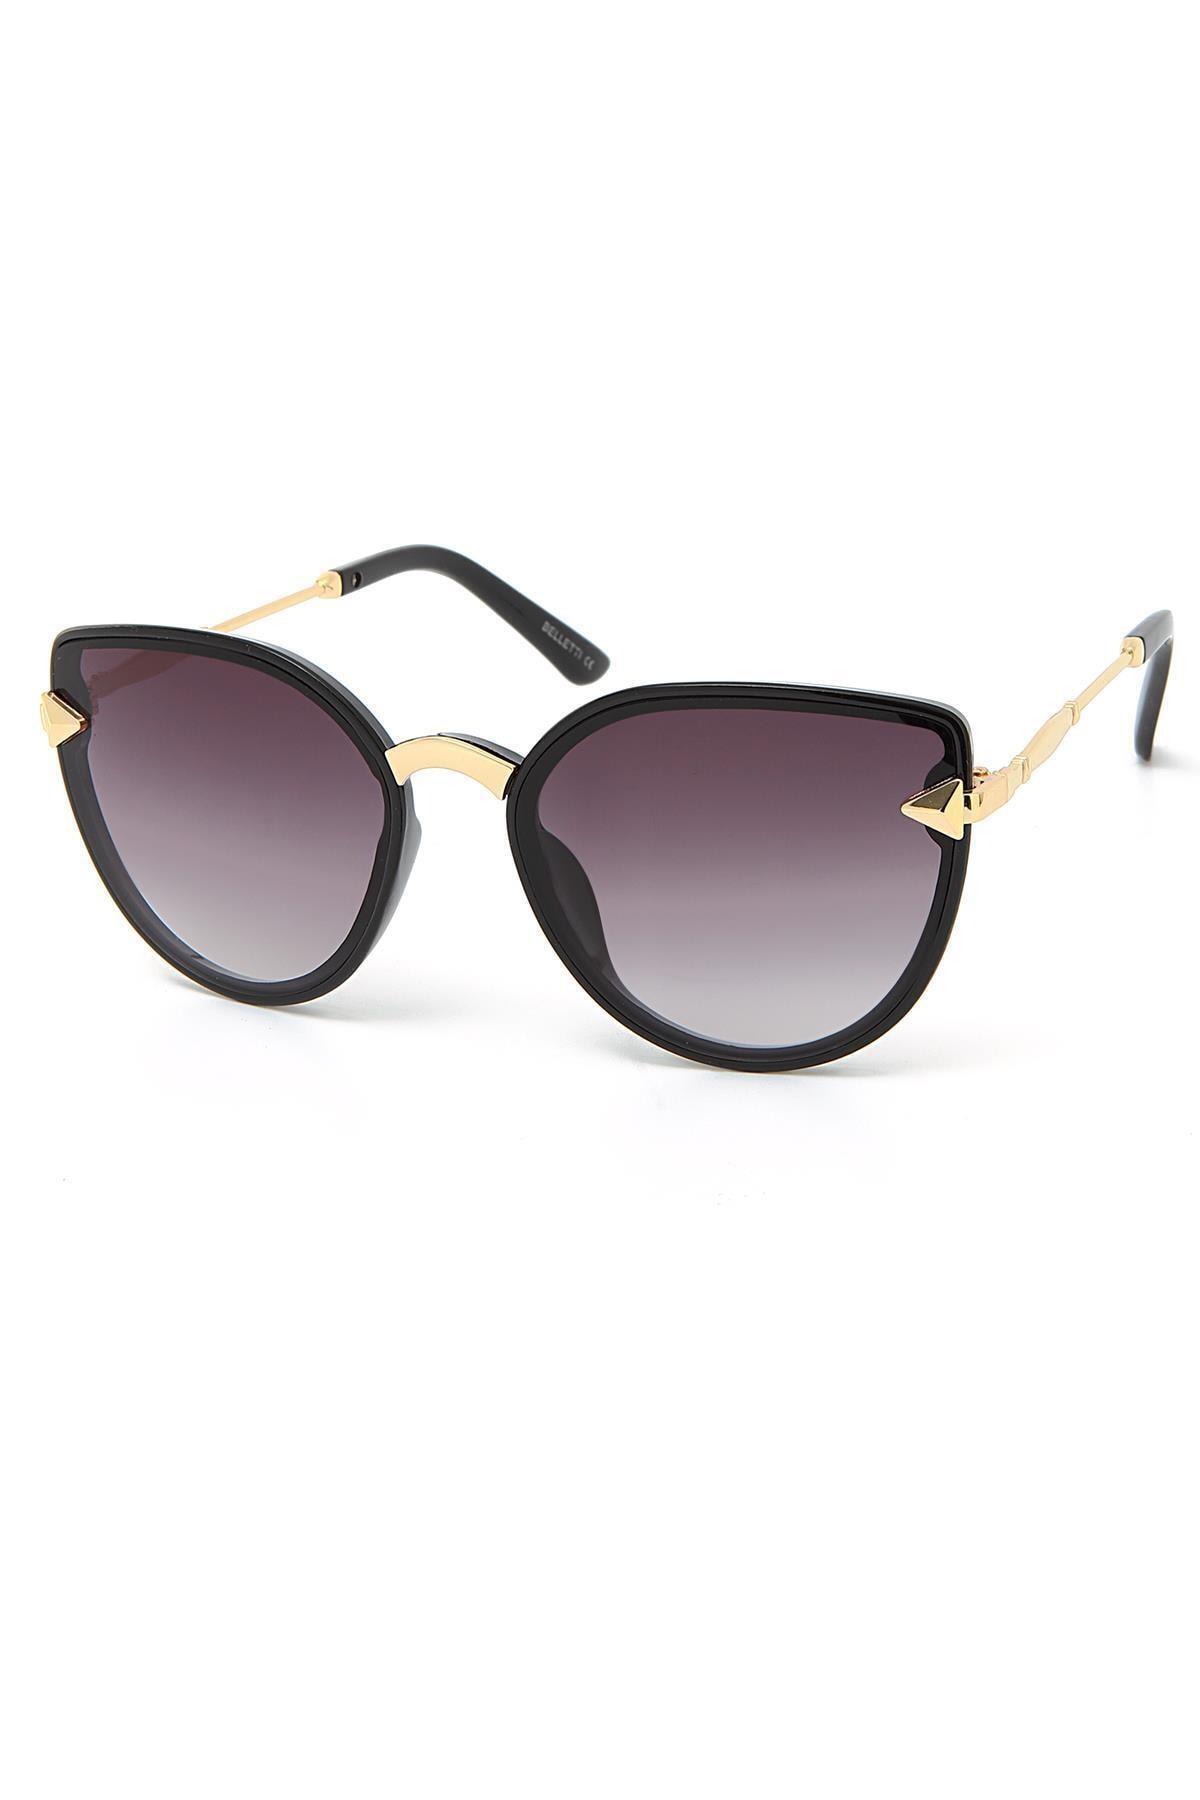 Kadın Güneş Gözlüğü Blt21156a